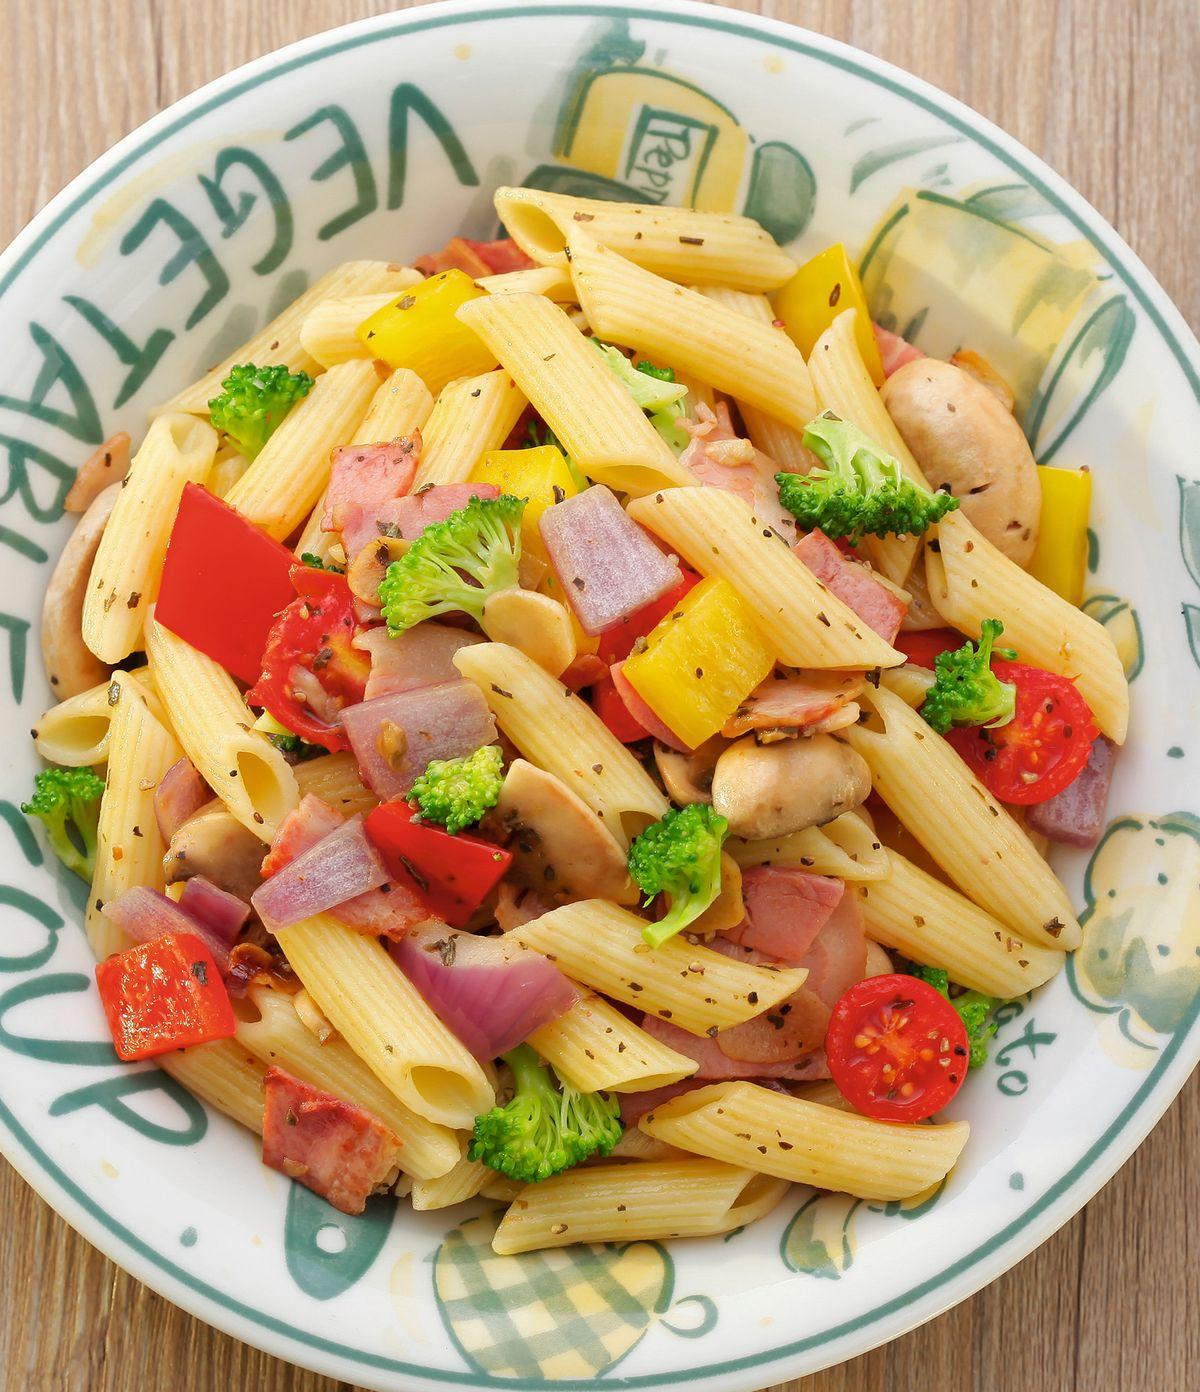 食譜:培根拌義大利麵